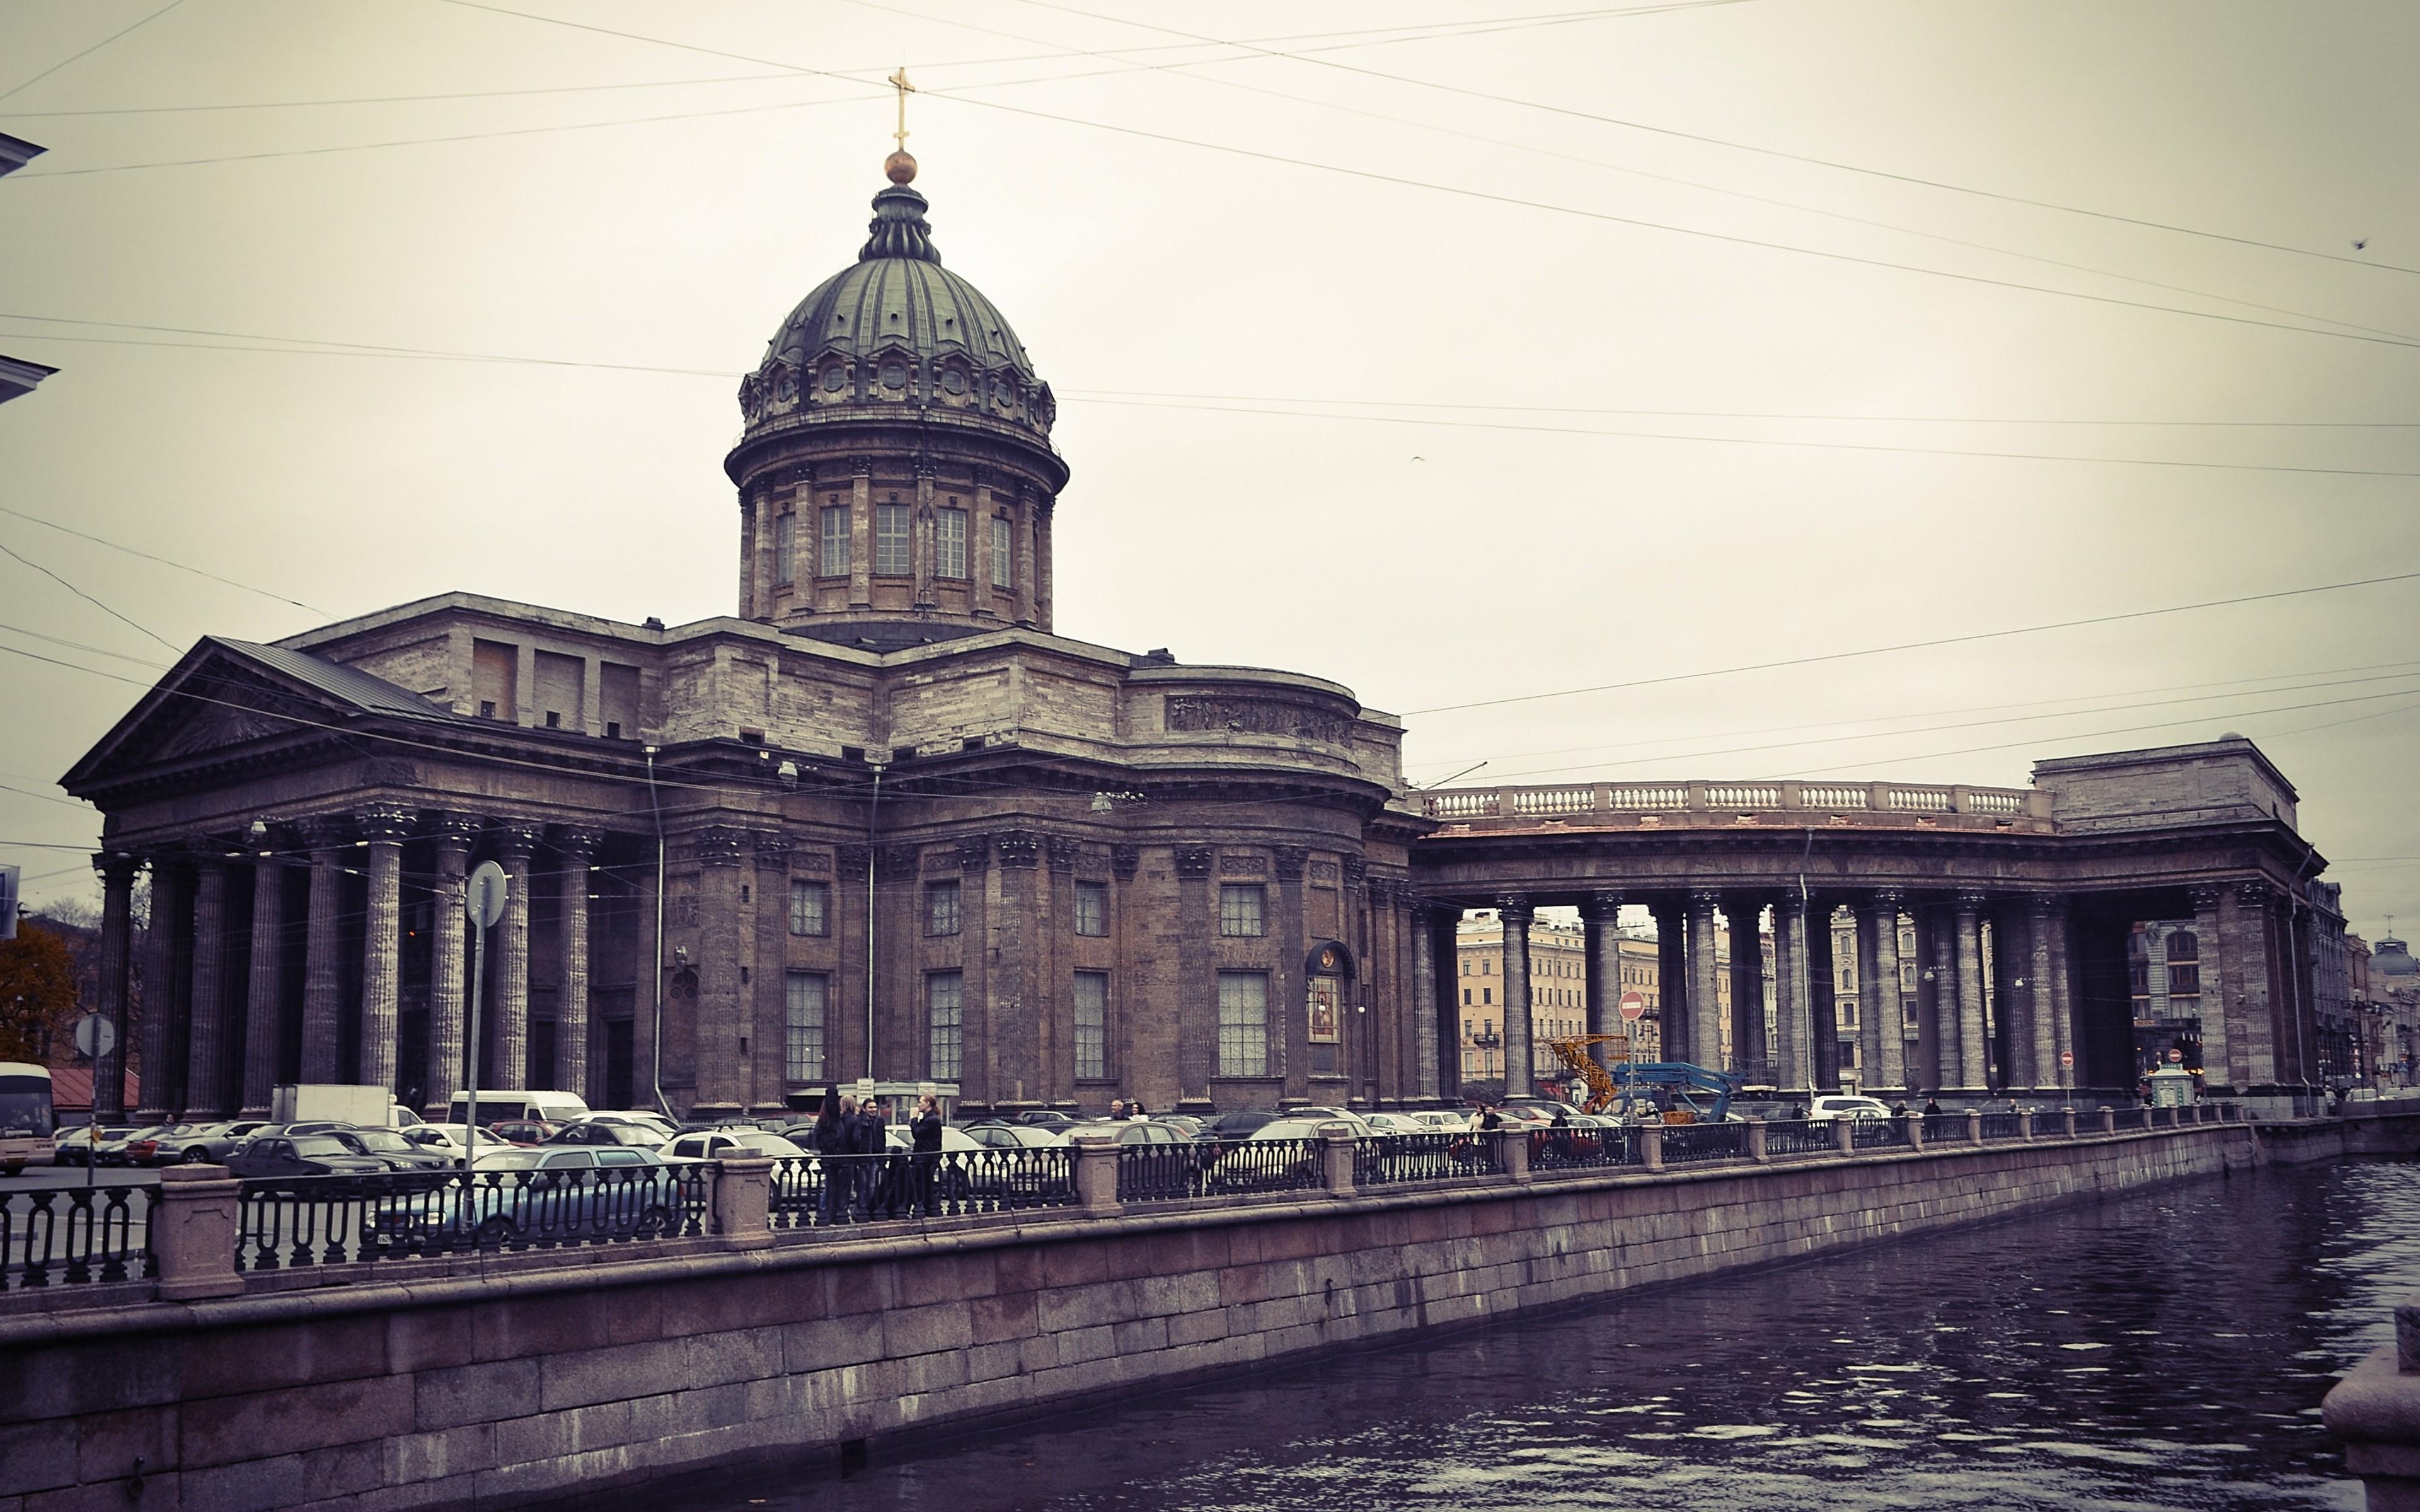 シティ 都市景観 建築 建物 反射 イブニング サンクトペテルブルク ロシア 教会 大聖堂 ランドマーク 市街地